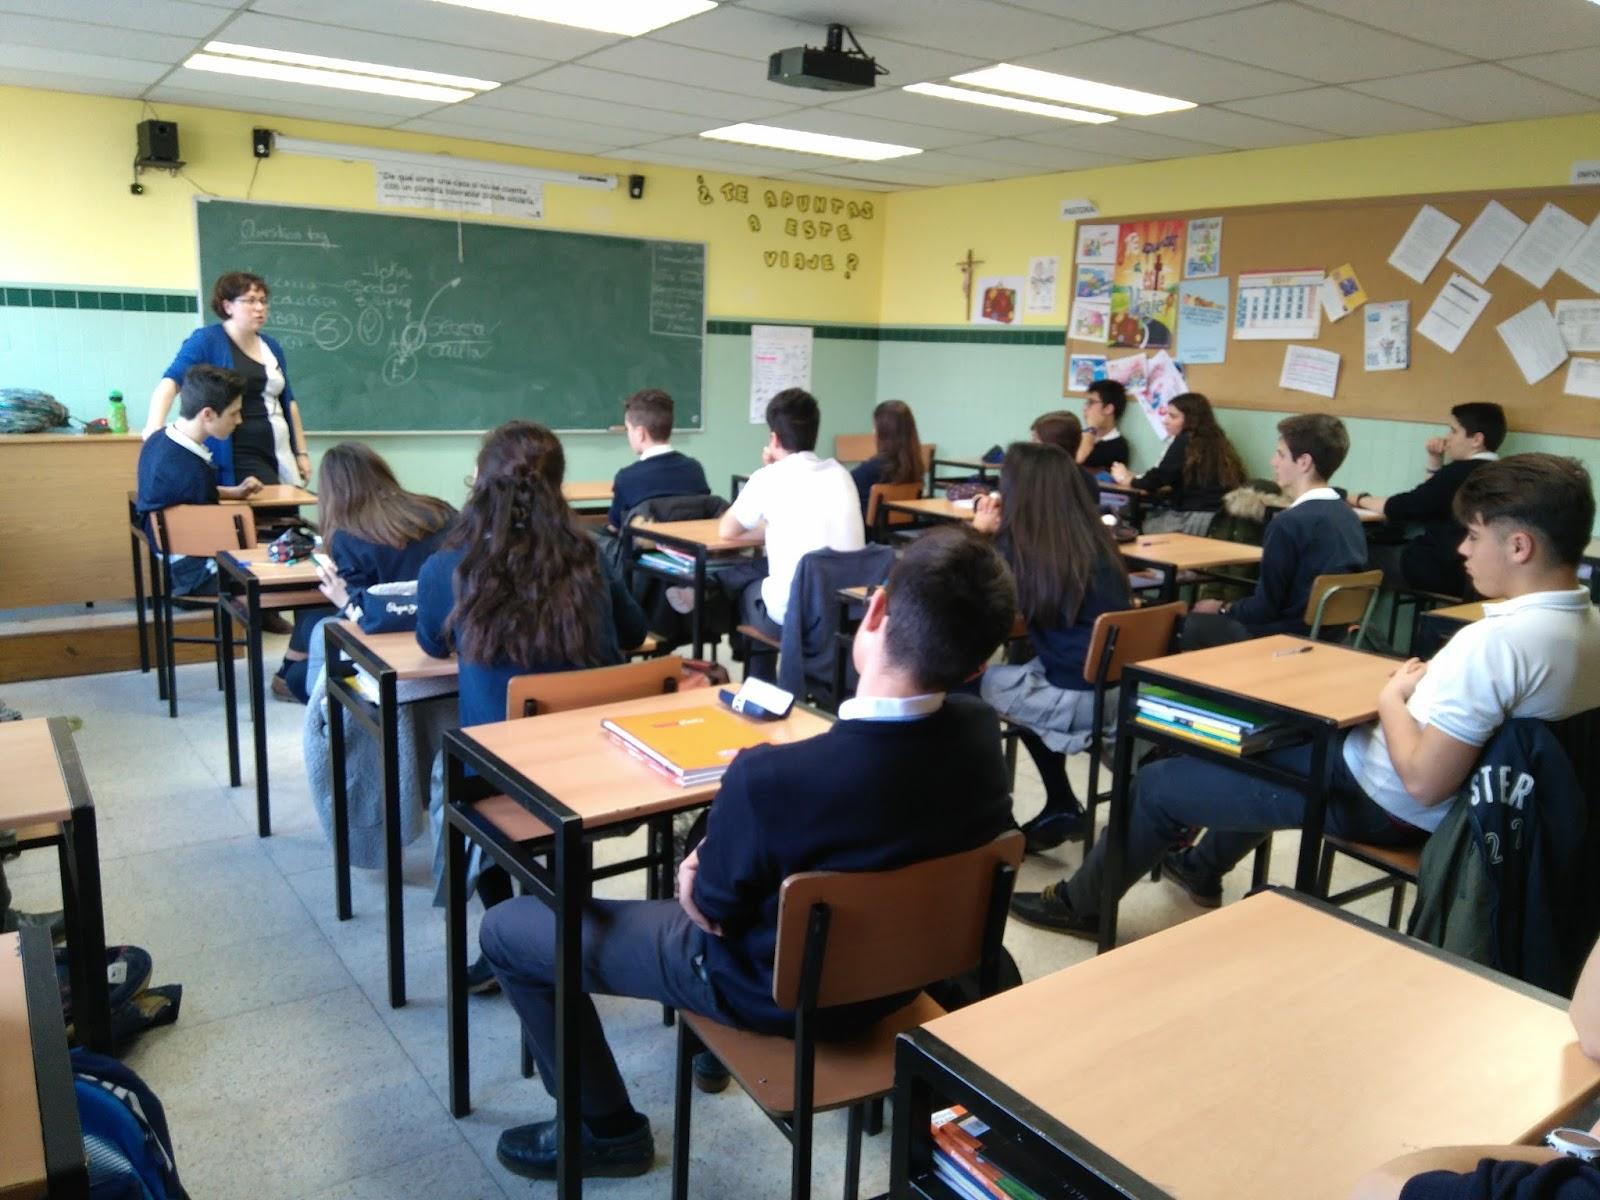 Agustinas Valladolid - 2017 - ESO 3 - Prevención Acoso